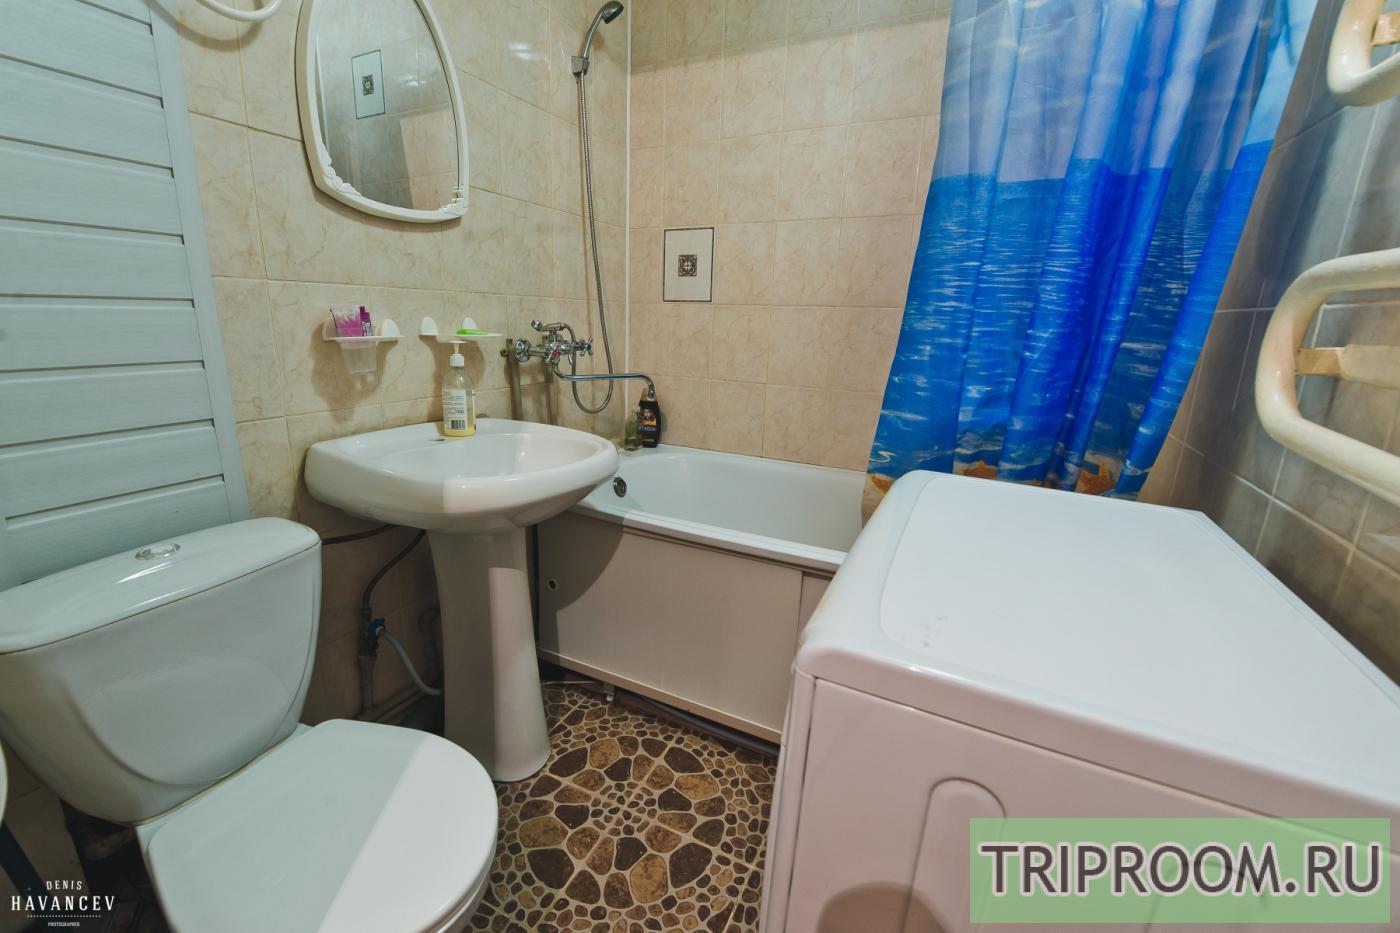 1-комнатная квартира посуточно (вариант № 14829), ул. Космонавтов набережная, фото № 10